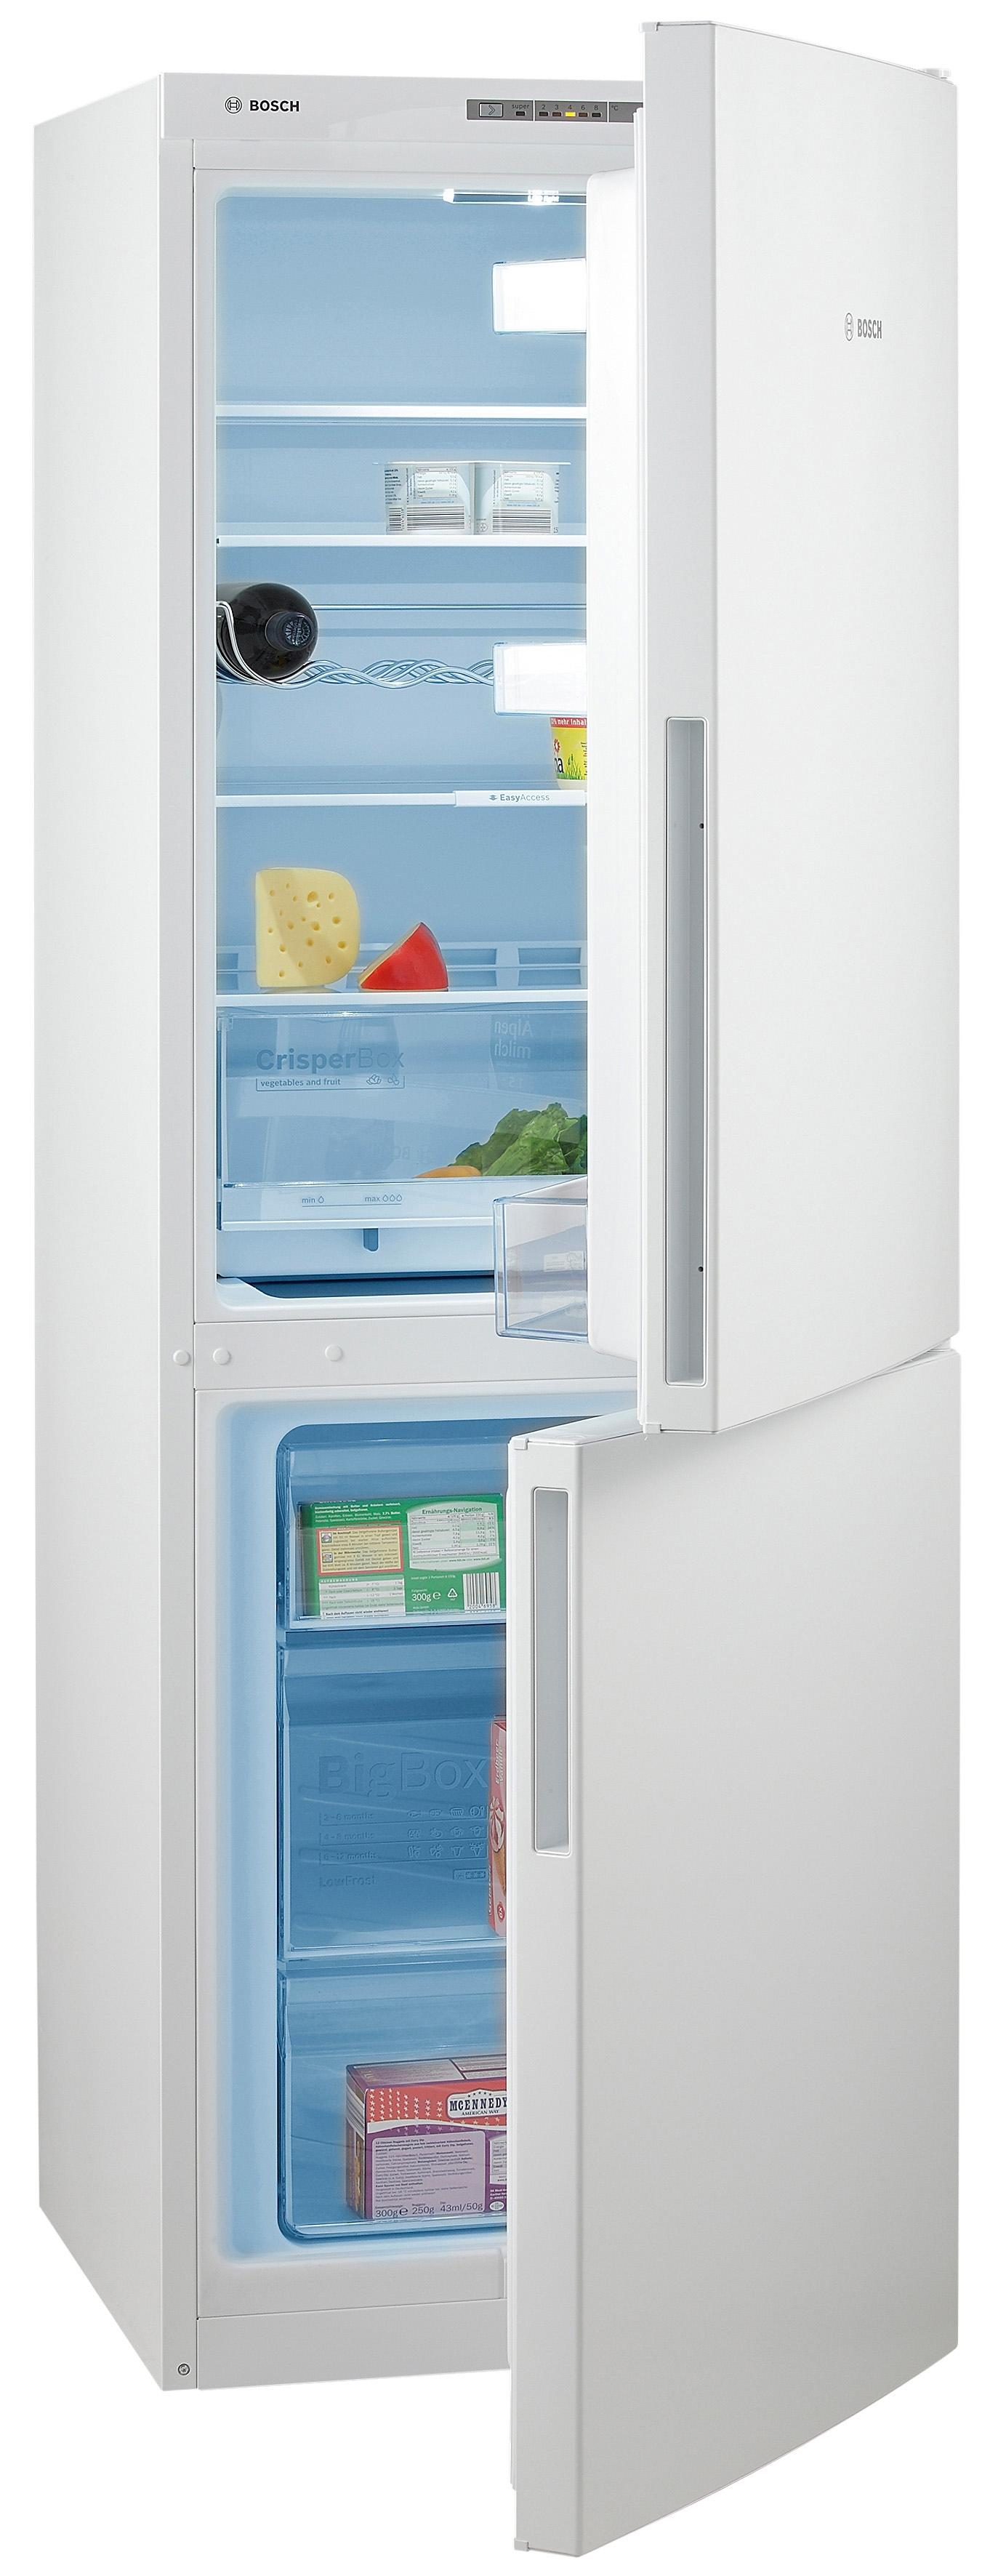 Bosch koel-vriescombinatie, KGV33VW31 / KGV33VL31, A++, 176 cm hoog bestellen: 14 dagen bedenktijd